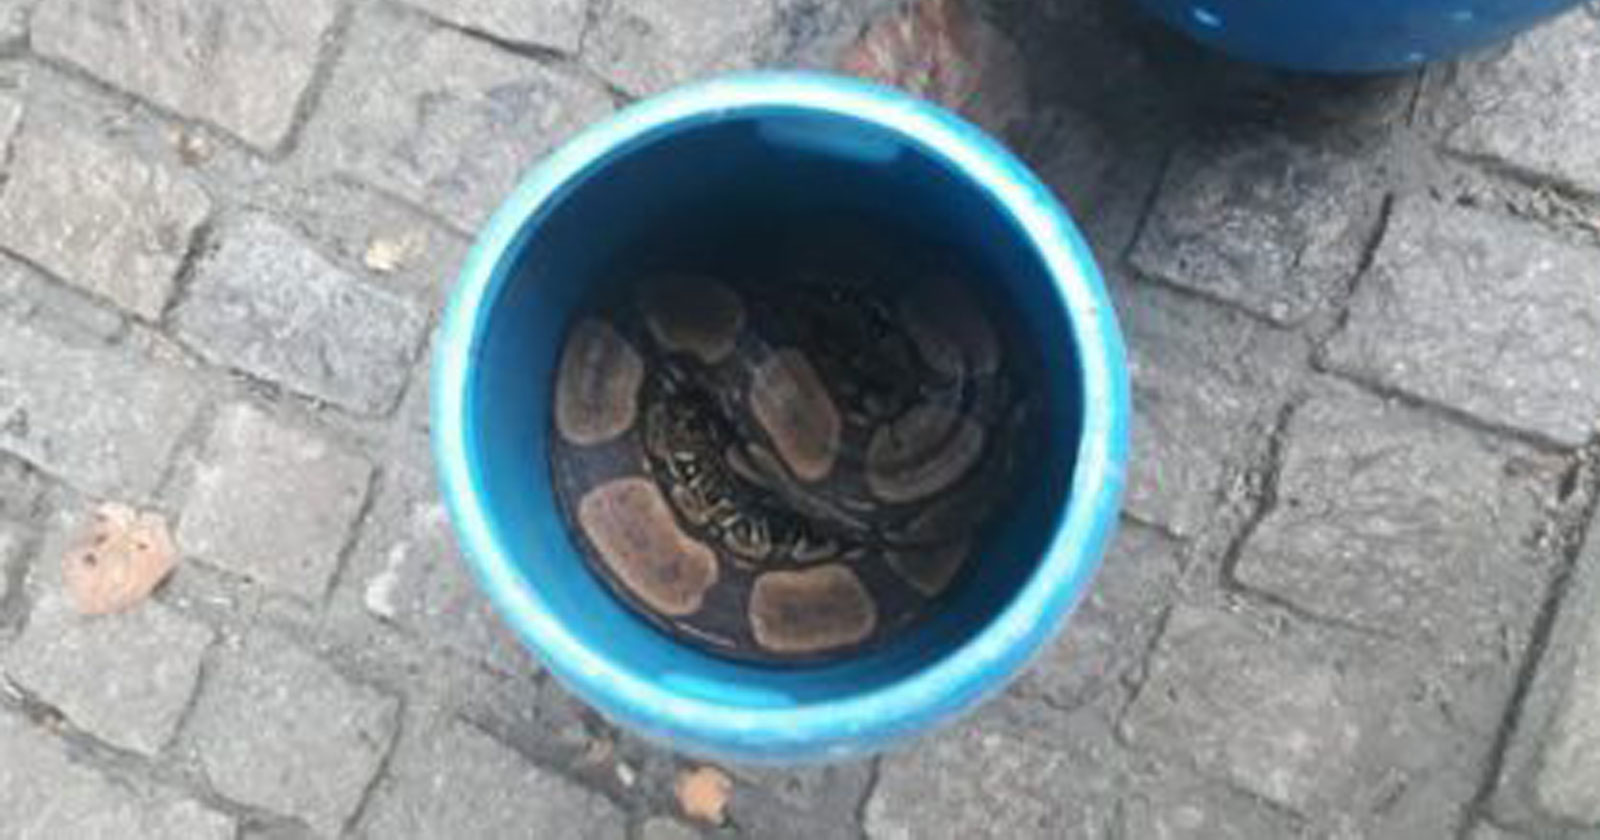 jibóia dentro balde azul